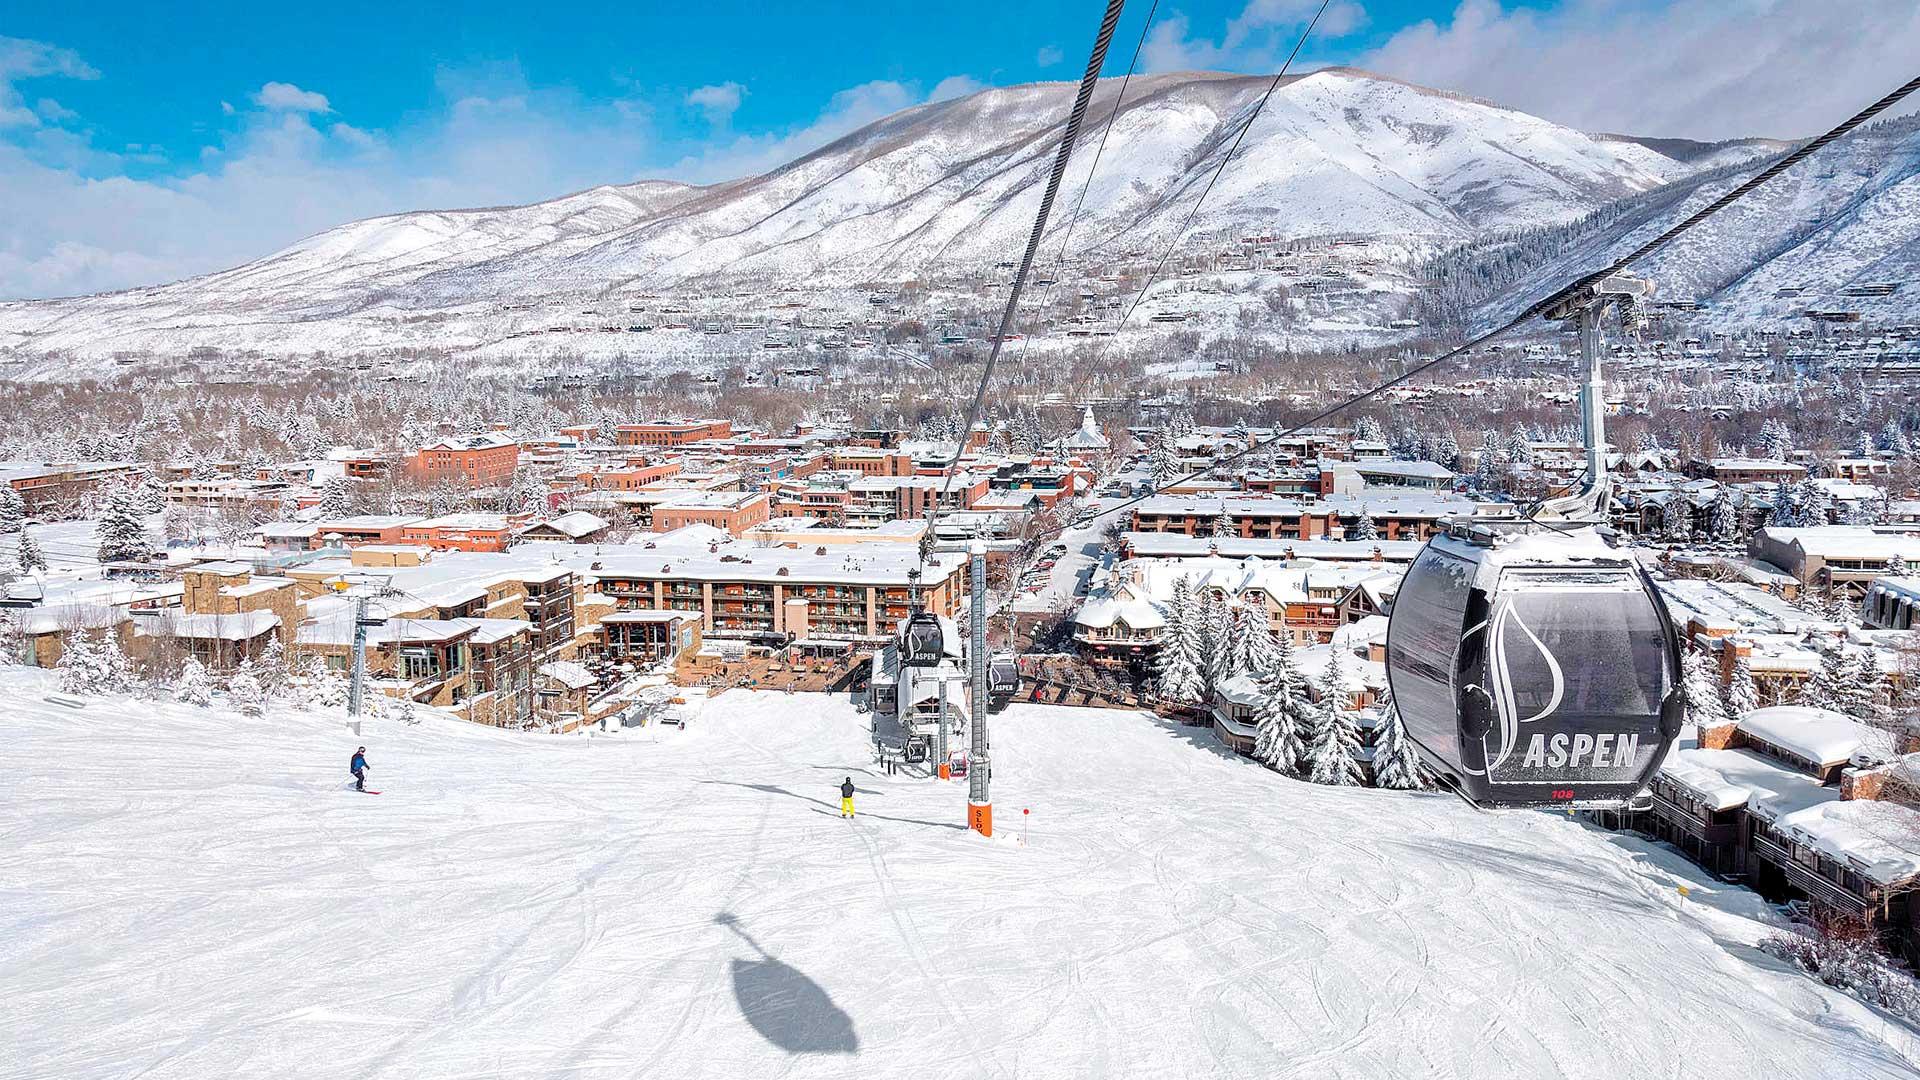 3 hoteles en Aspen Snowmass que debes conocer